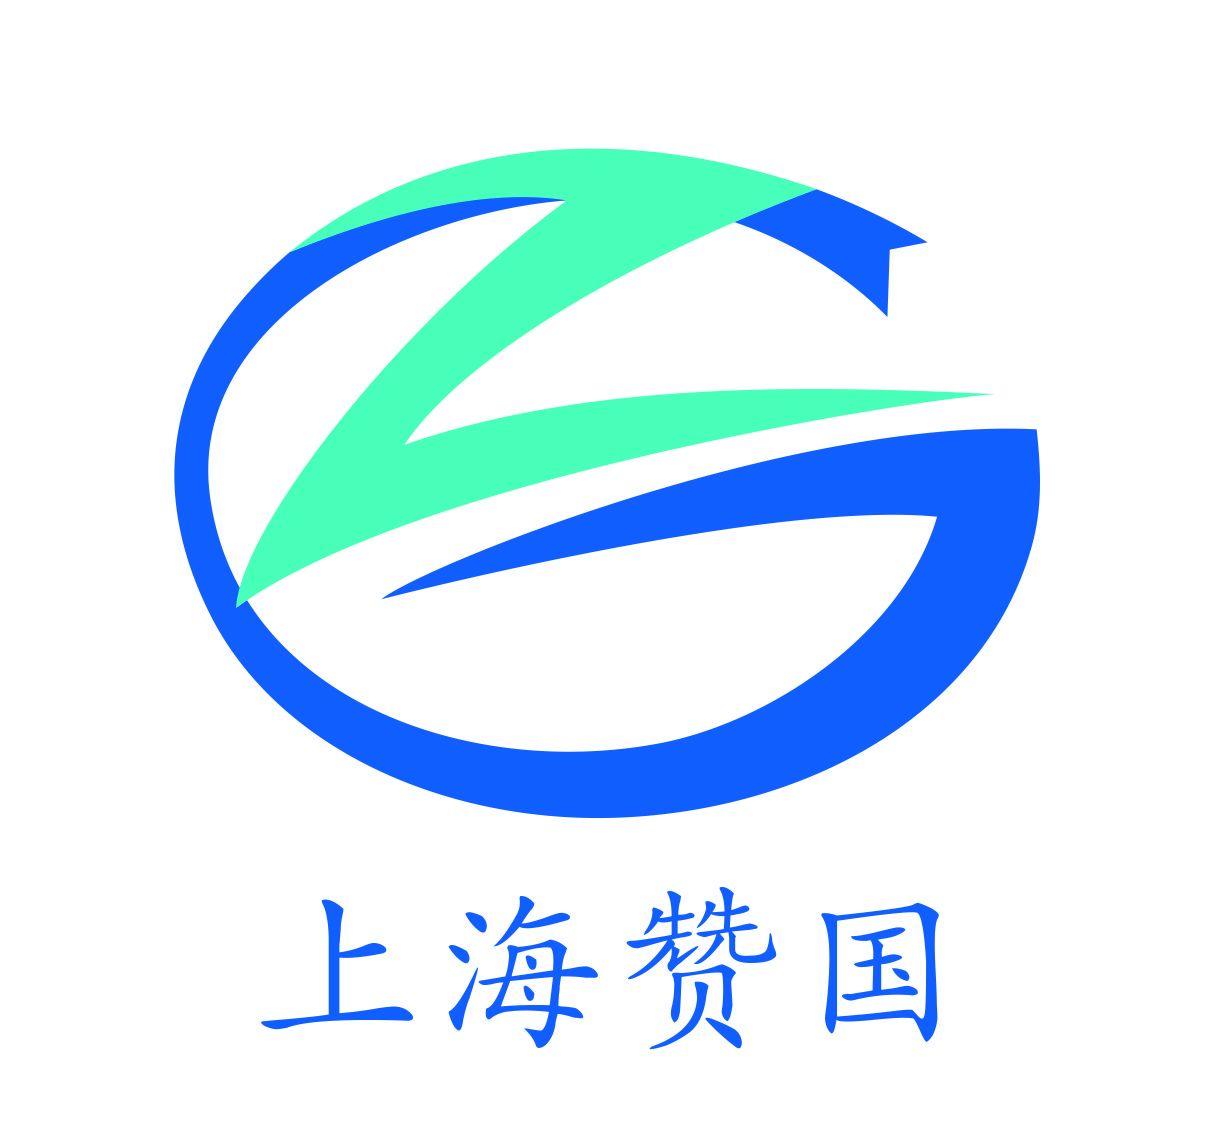 上海都进自动化设备有限公司